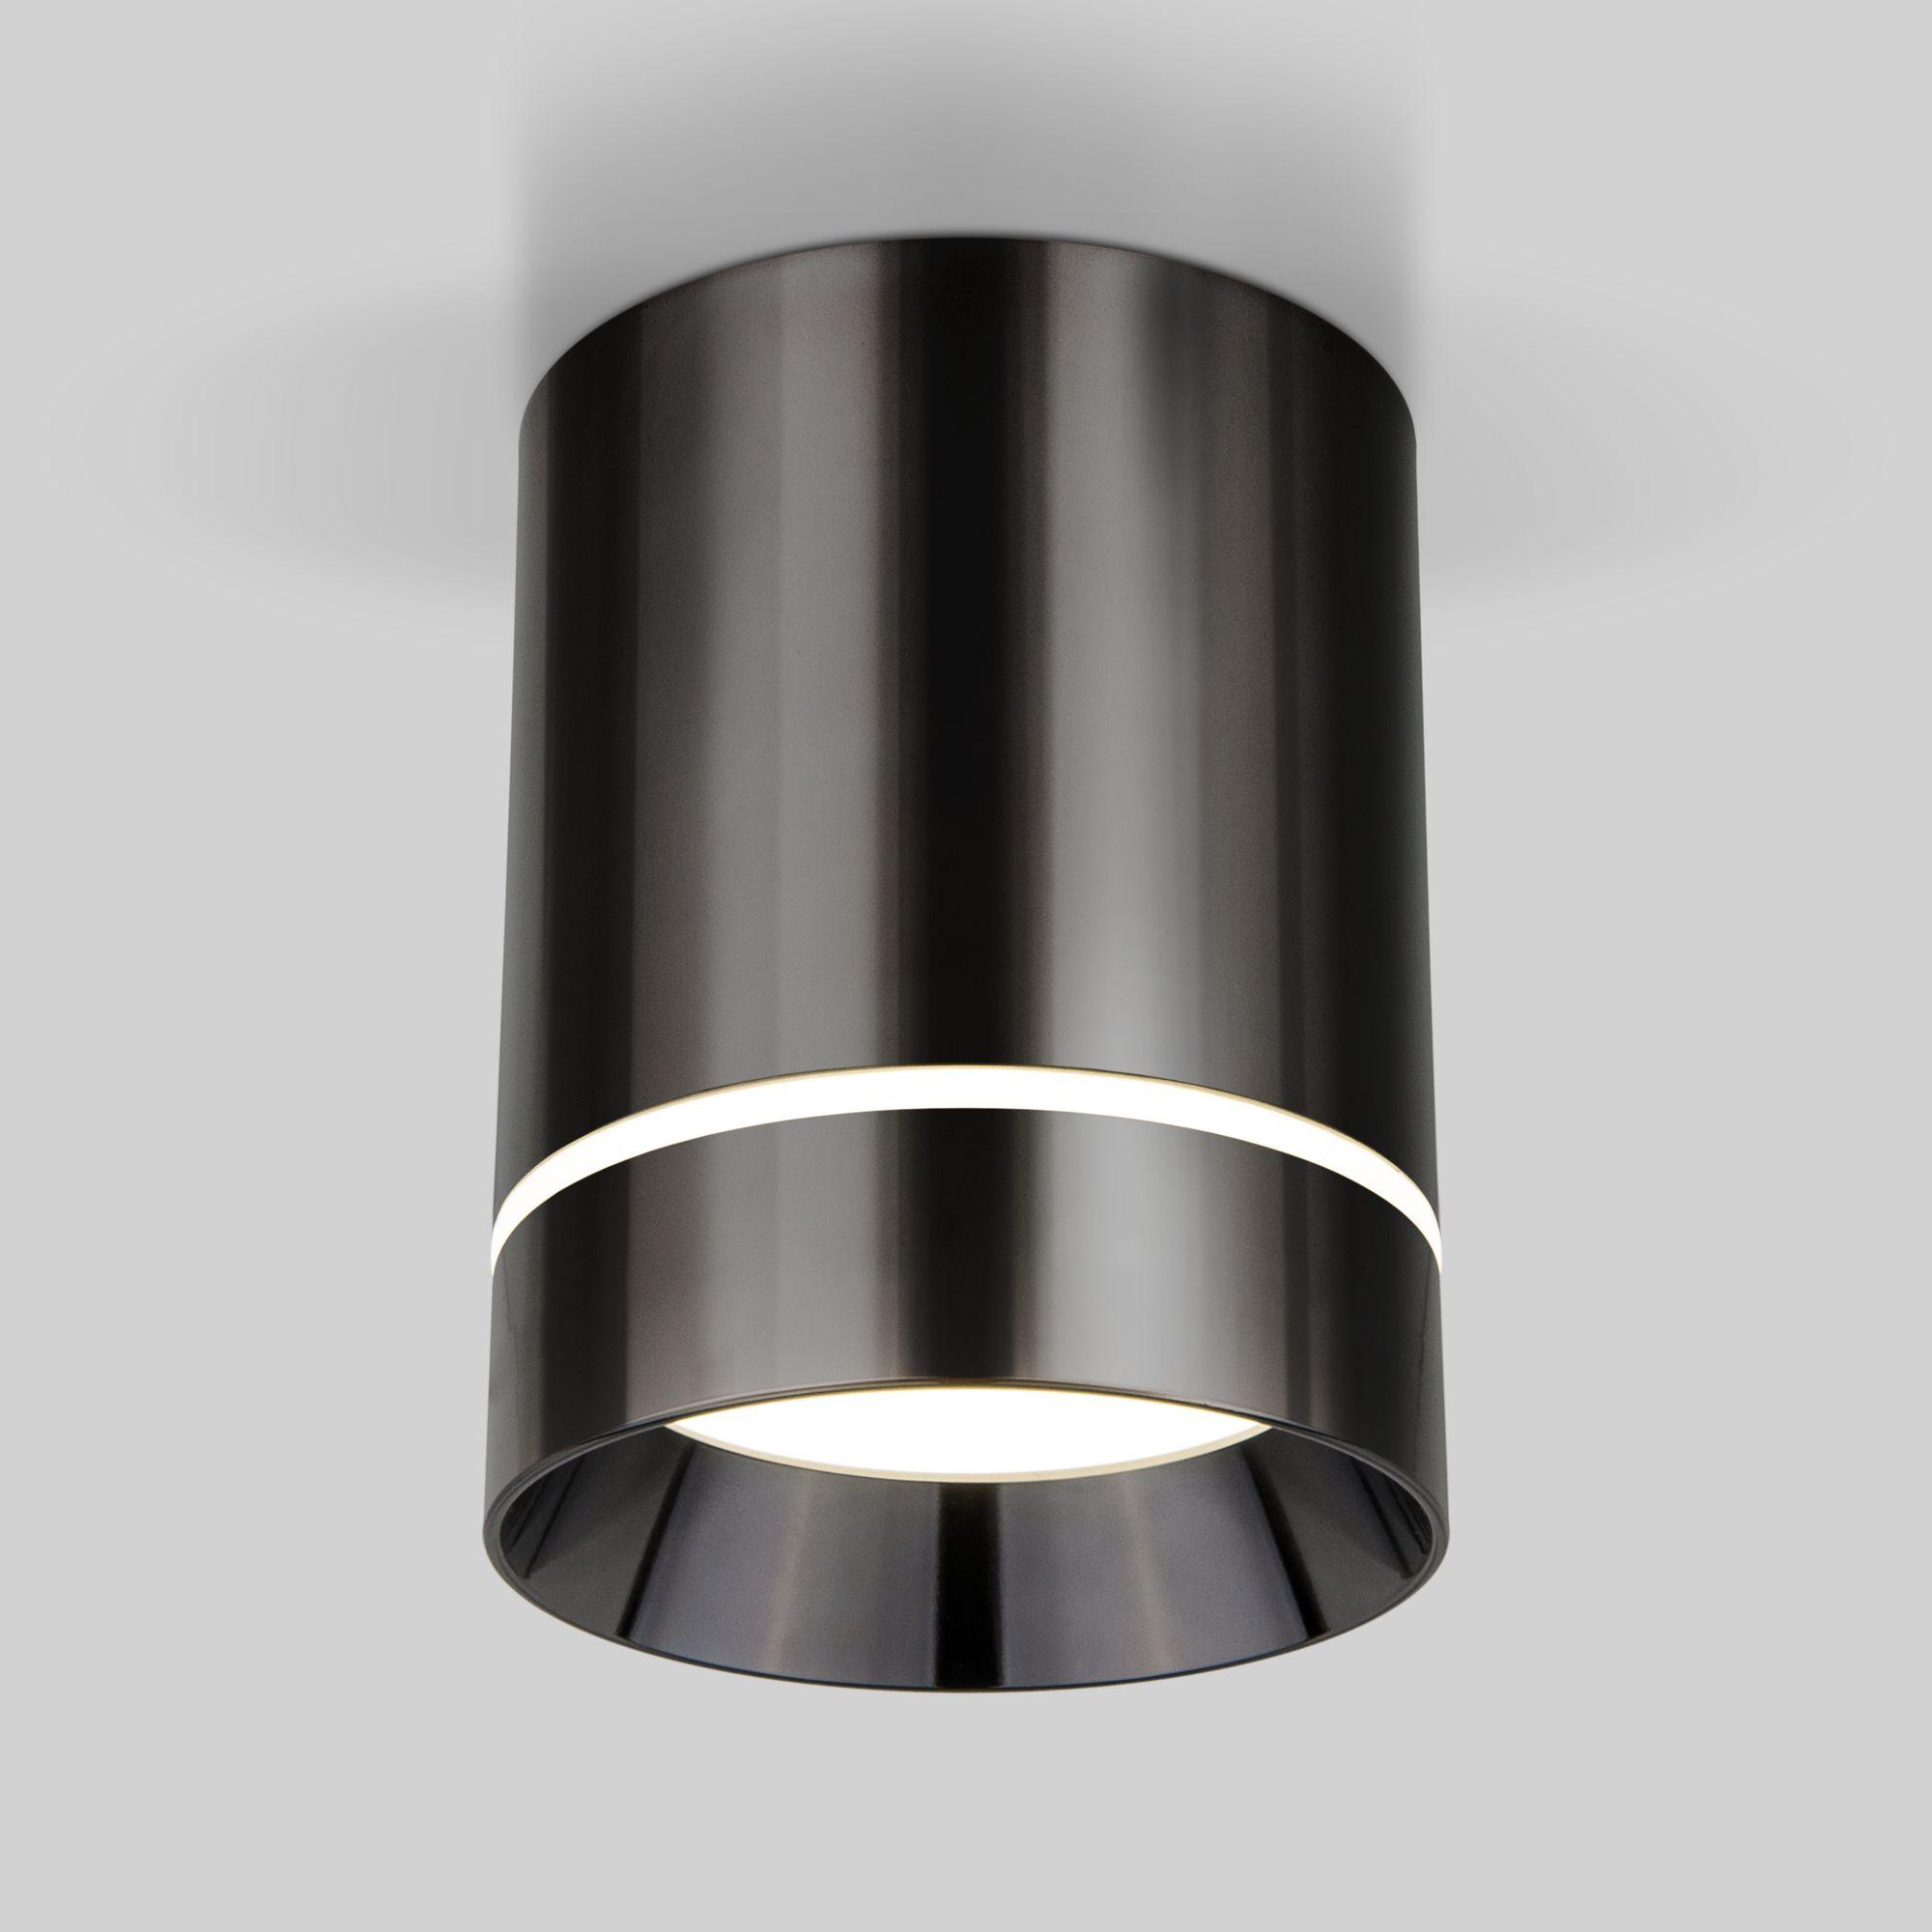 Накладной светодиодный светильник DLR021 9W 4200K Черный жемчуг